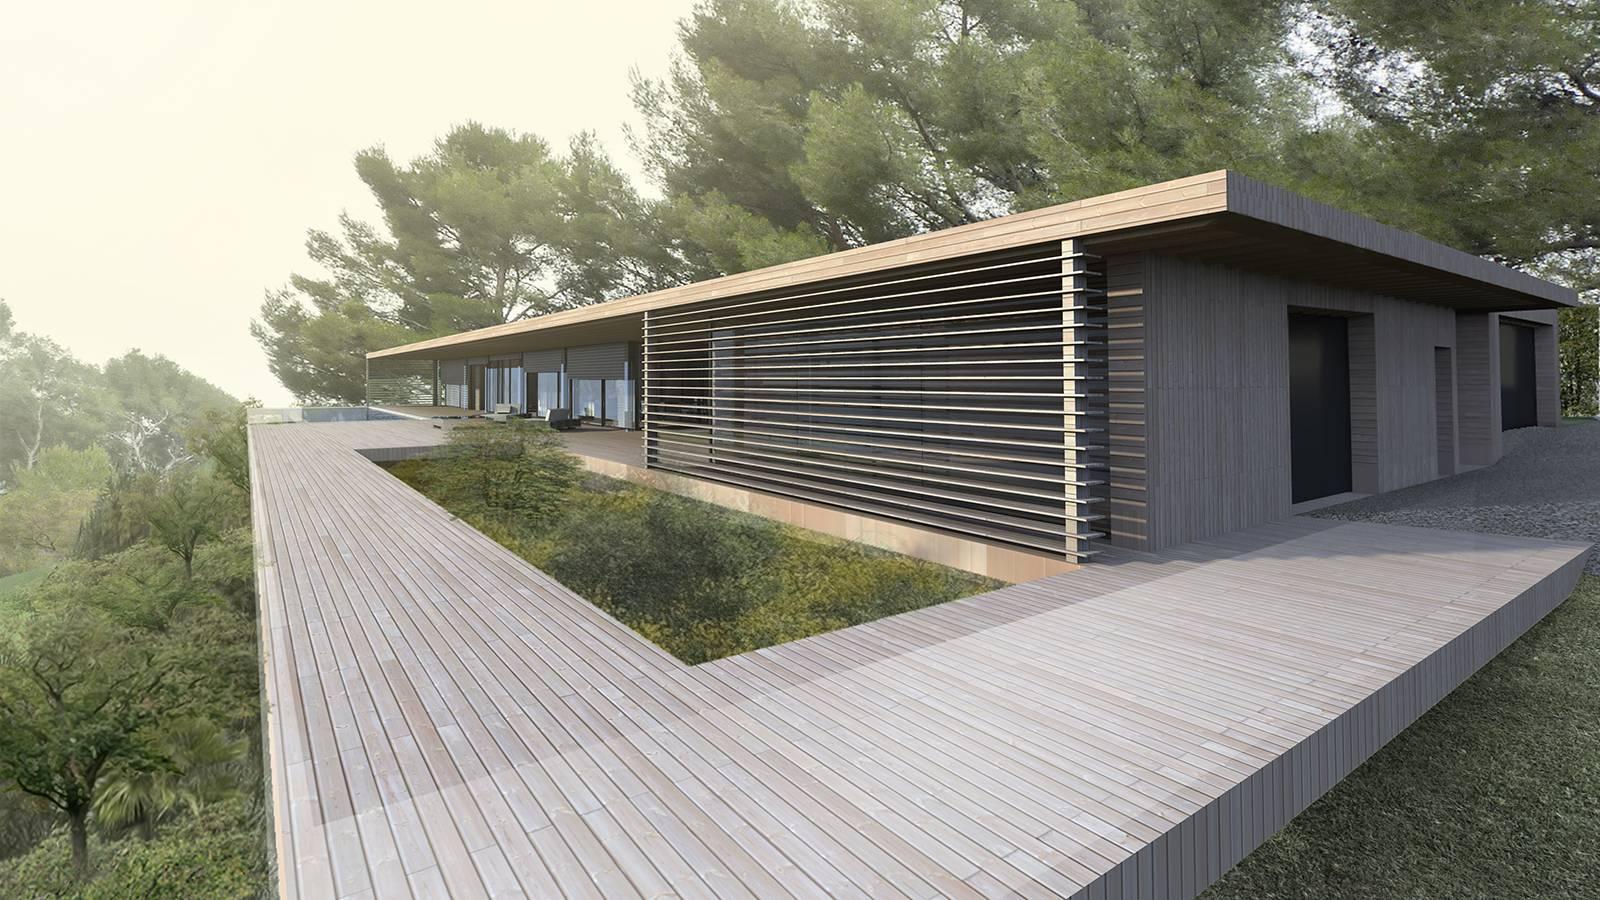 Maison Bois Contemporaine Avec Piscine Miroir A Aix En Provence Cabinet D Architecture D Interieur En Auvergne Rhone Alpes Cabinet Vielliard Francheteau Architectures